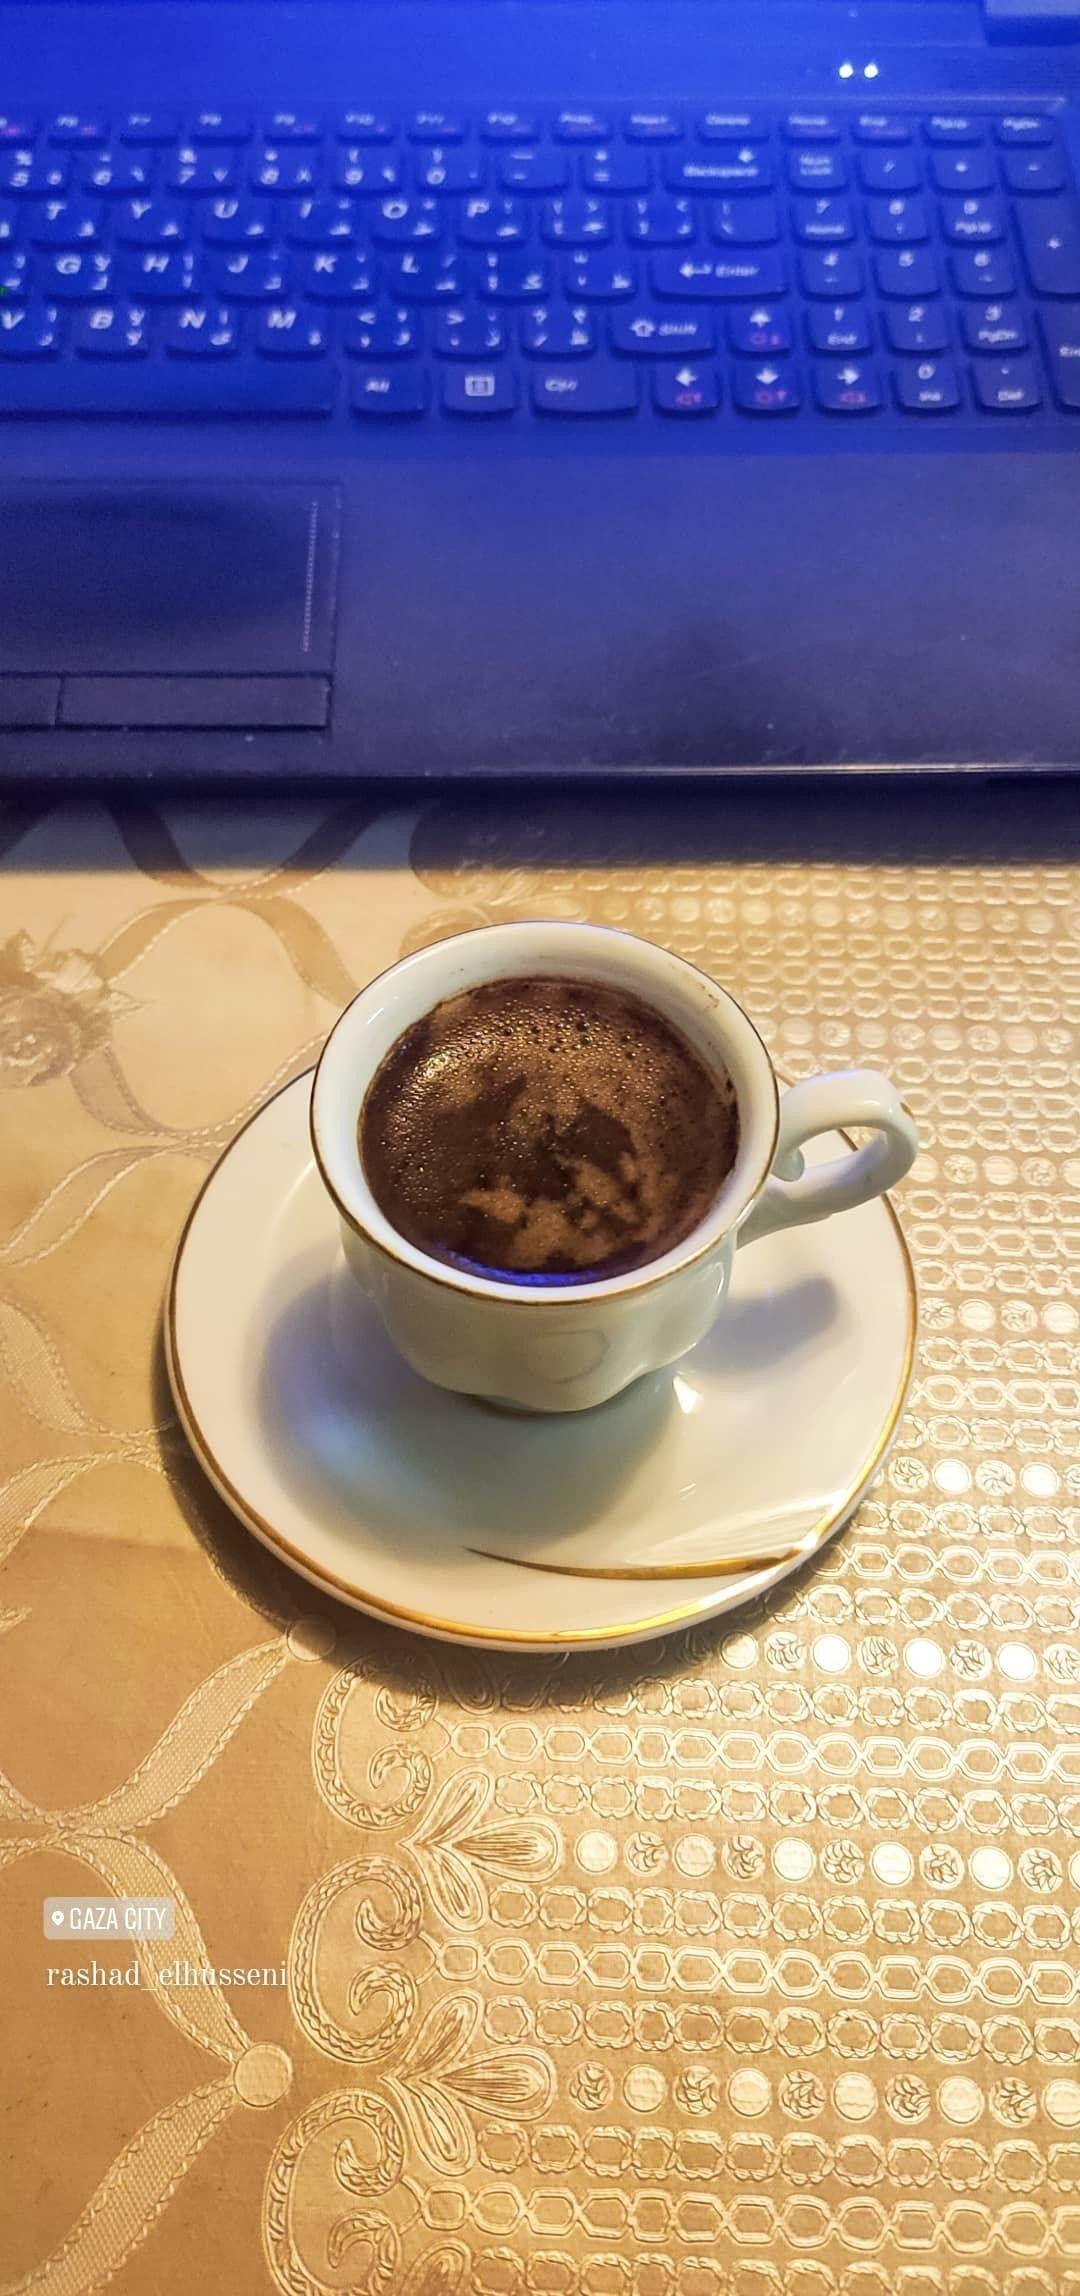 ورد أصفر طبيعة شجر اصفر غزة طبيعة جميل فلسطين القدس كلام تصوير صور ابيض صباح خير صل Tableware Glassware Food